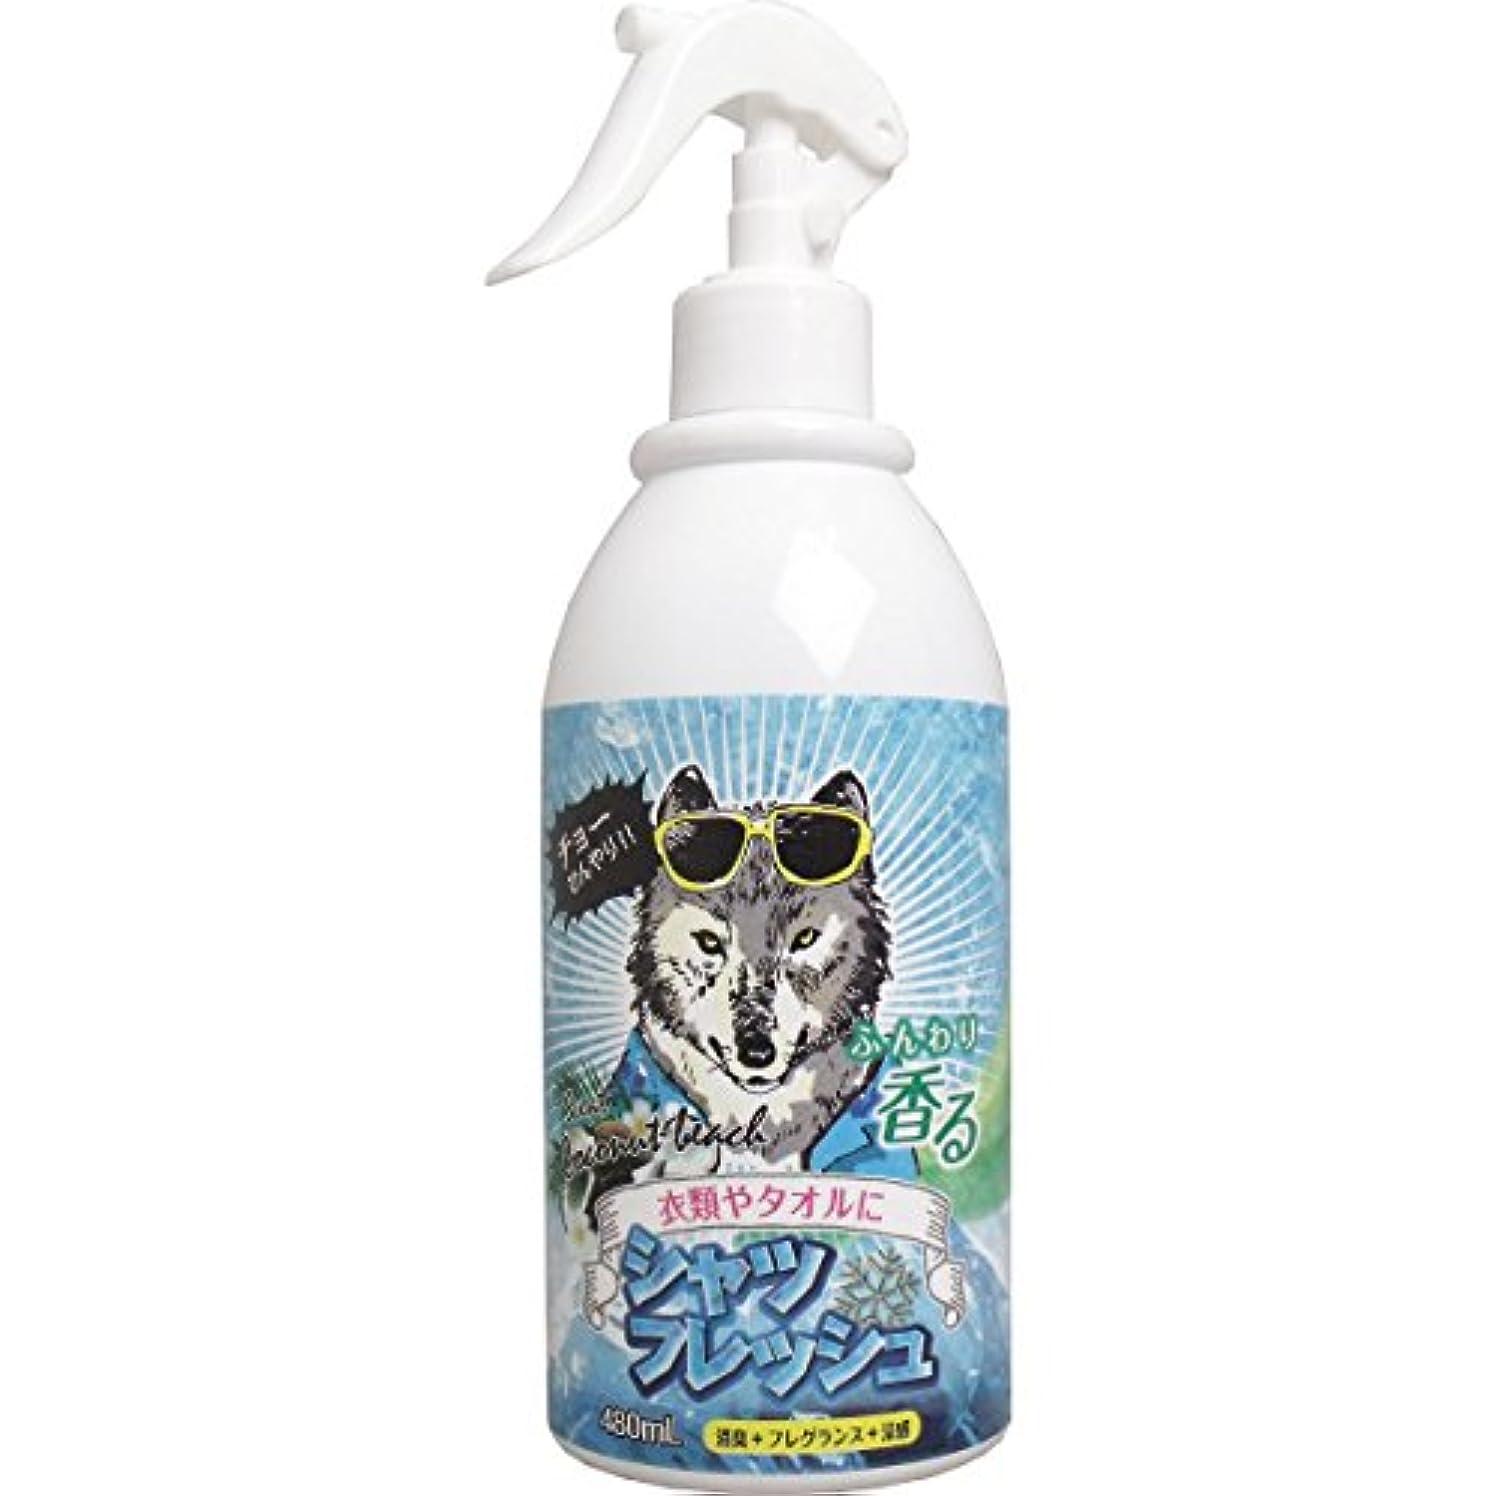 治療ファランクス哲学者香るシャツフレッシュ オオカミ ココナッツピーチの香り 480mL